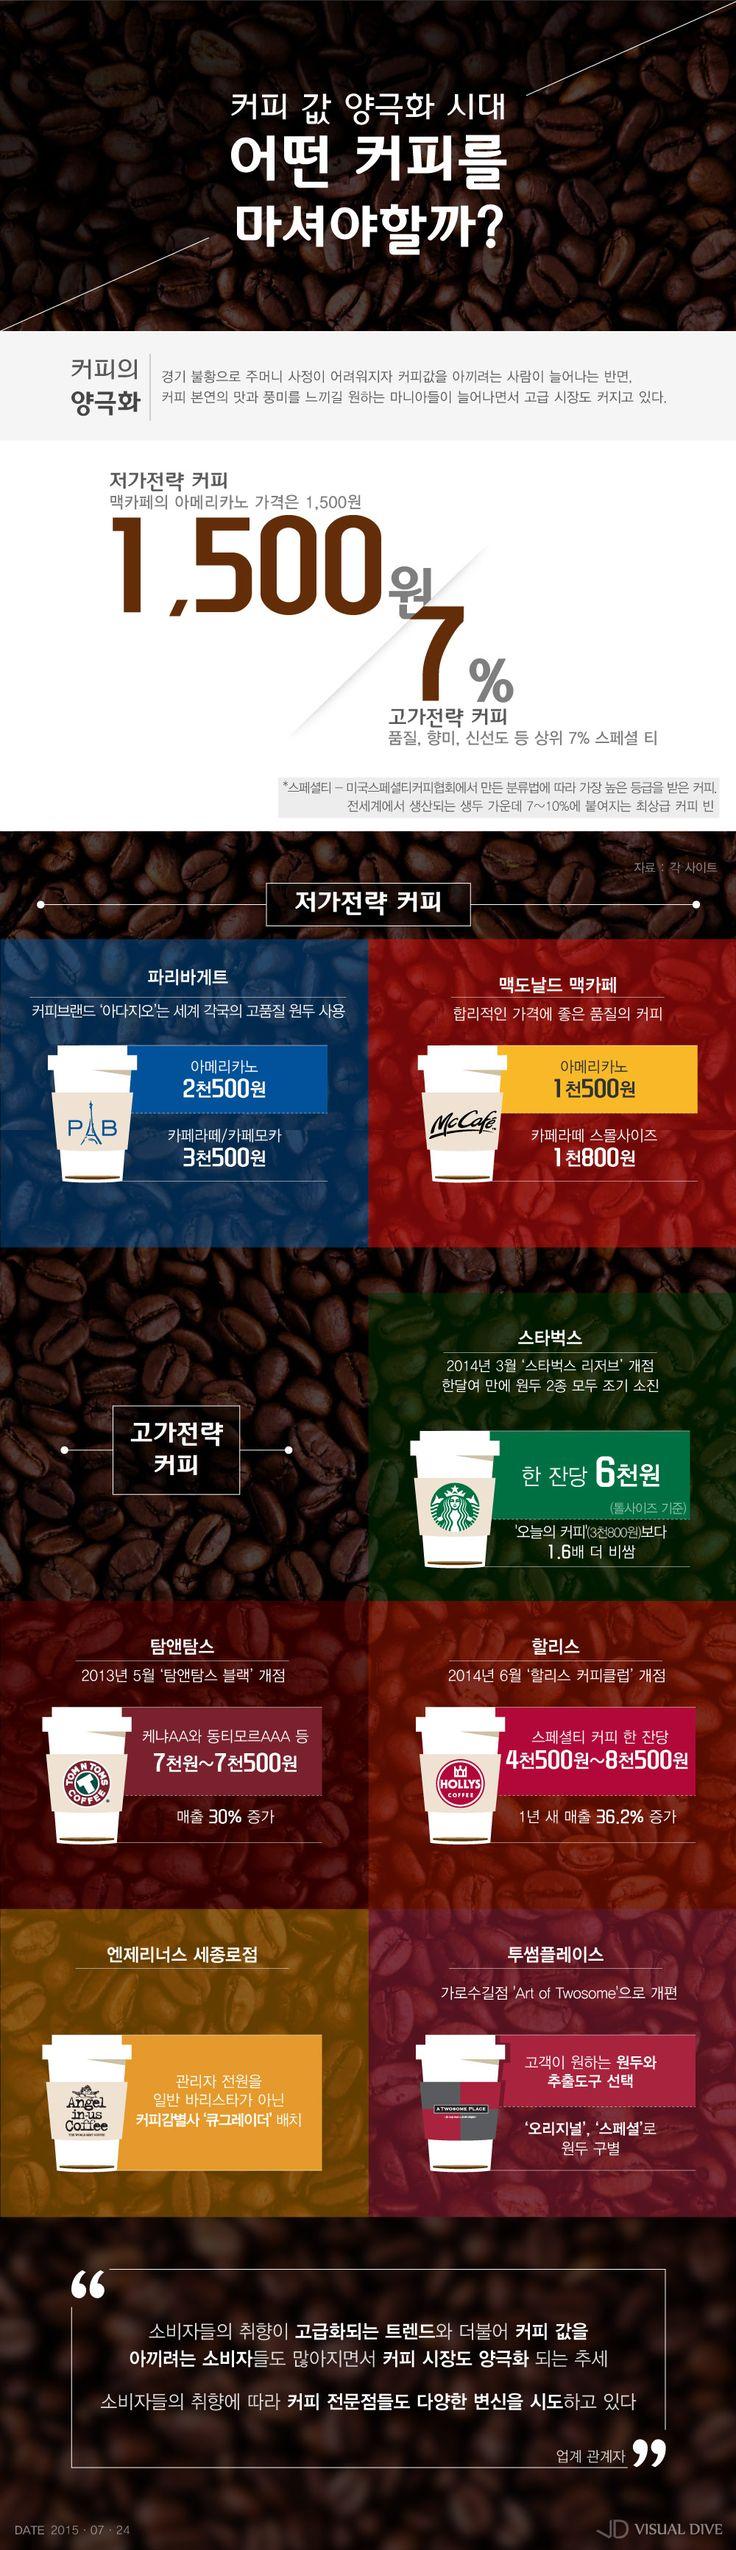 커피 값의 양극화…당신의 커피취향은? [인포그래픽] #Coffee / #Infographic ⓒ 비주얼다이브 무단 복사·전재·재배포 금지